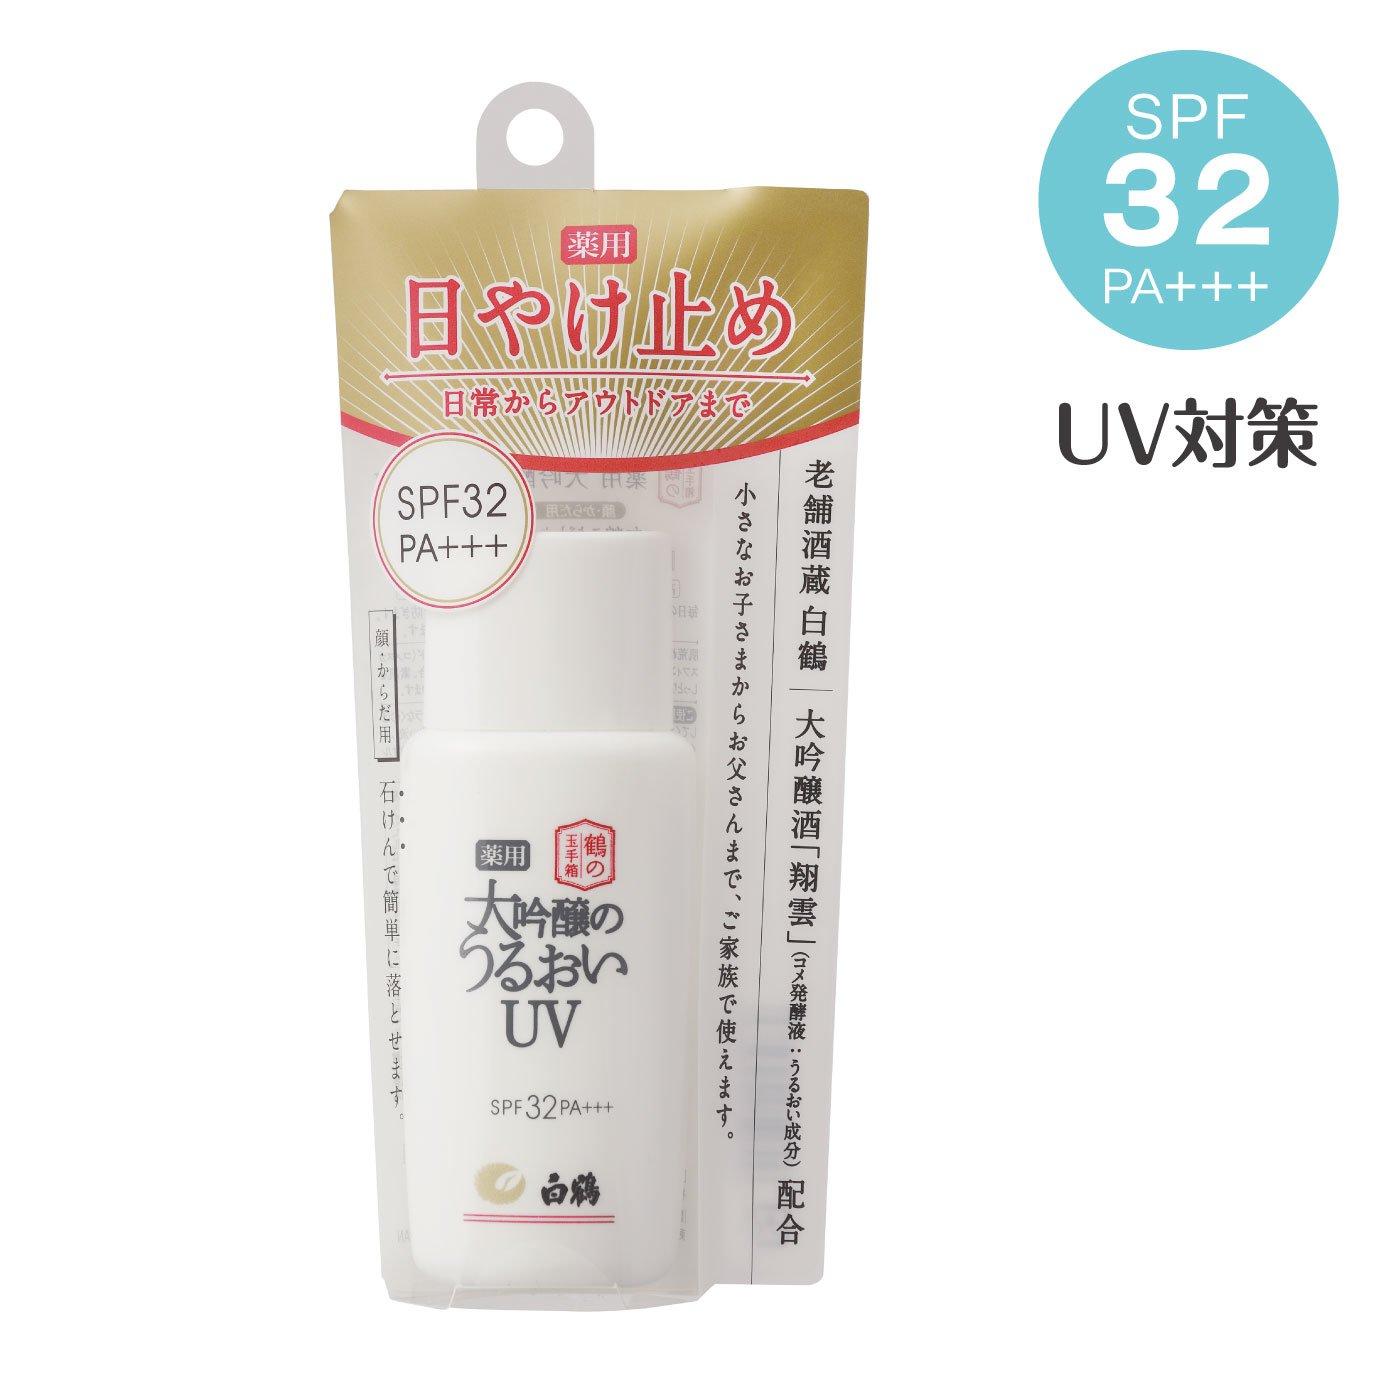 白鶴 鶴の玉手箱 大吟醸のうるおい UVミルク(SPF32 PA+++)の会